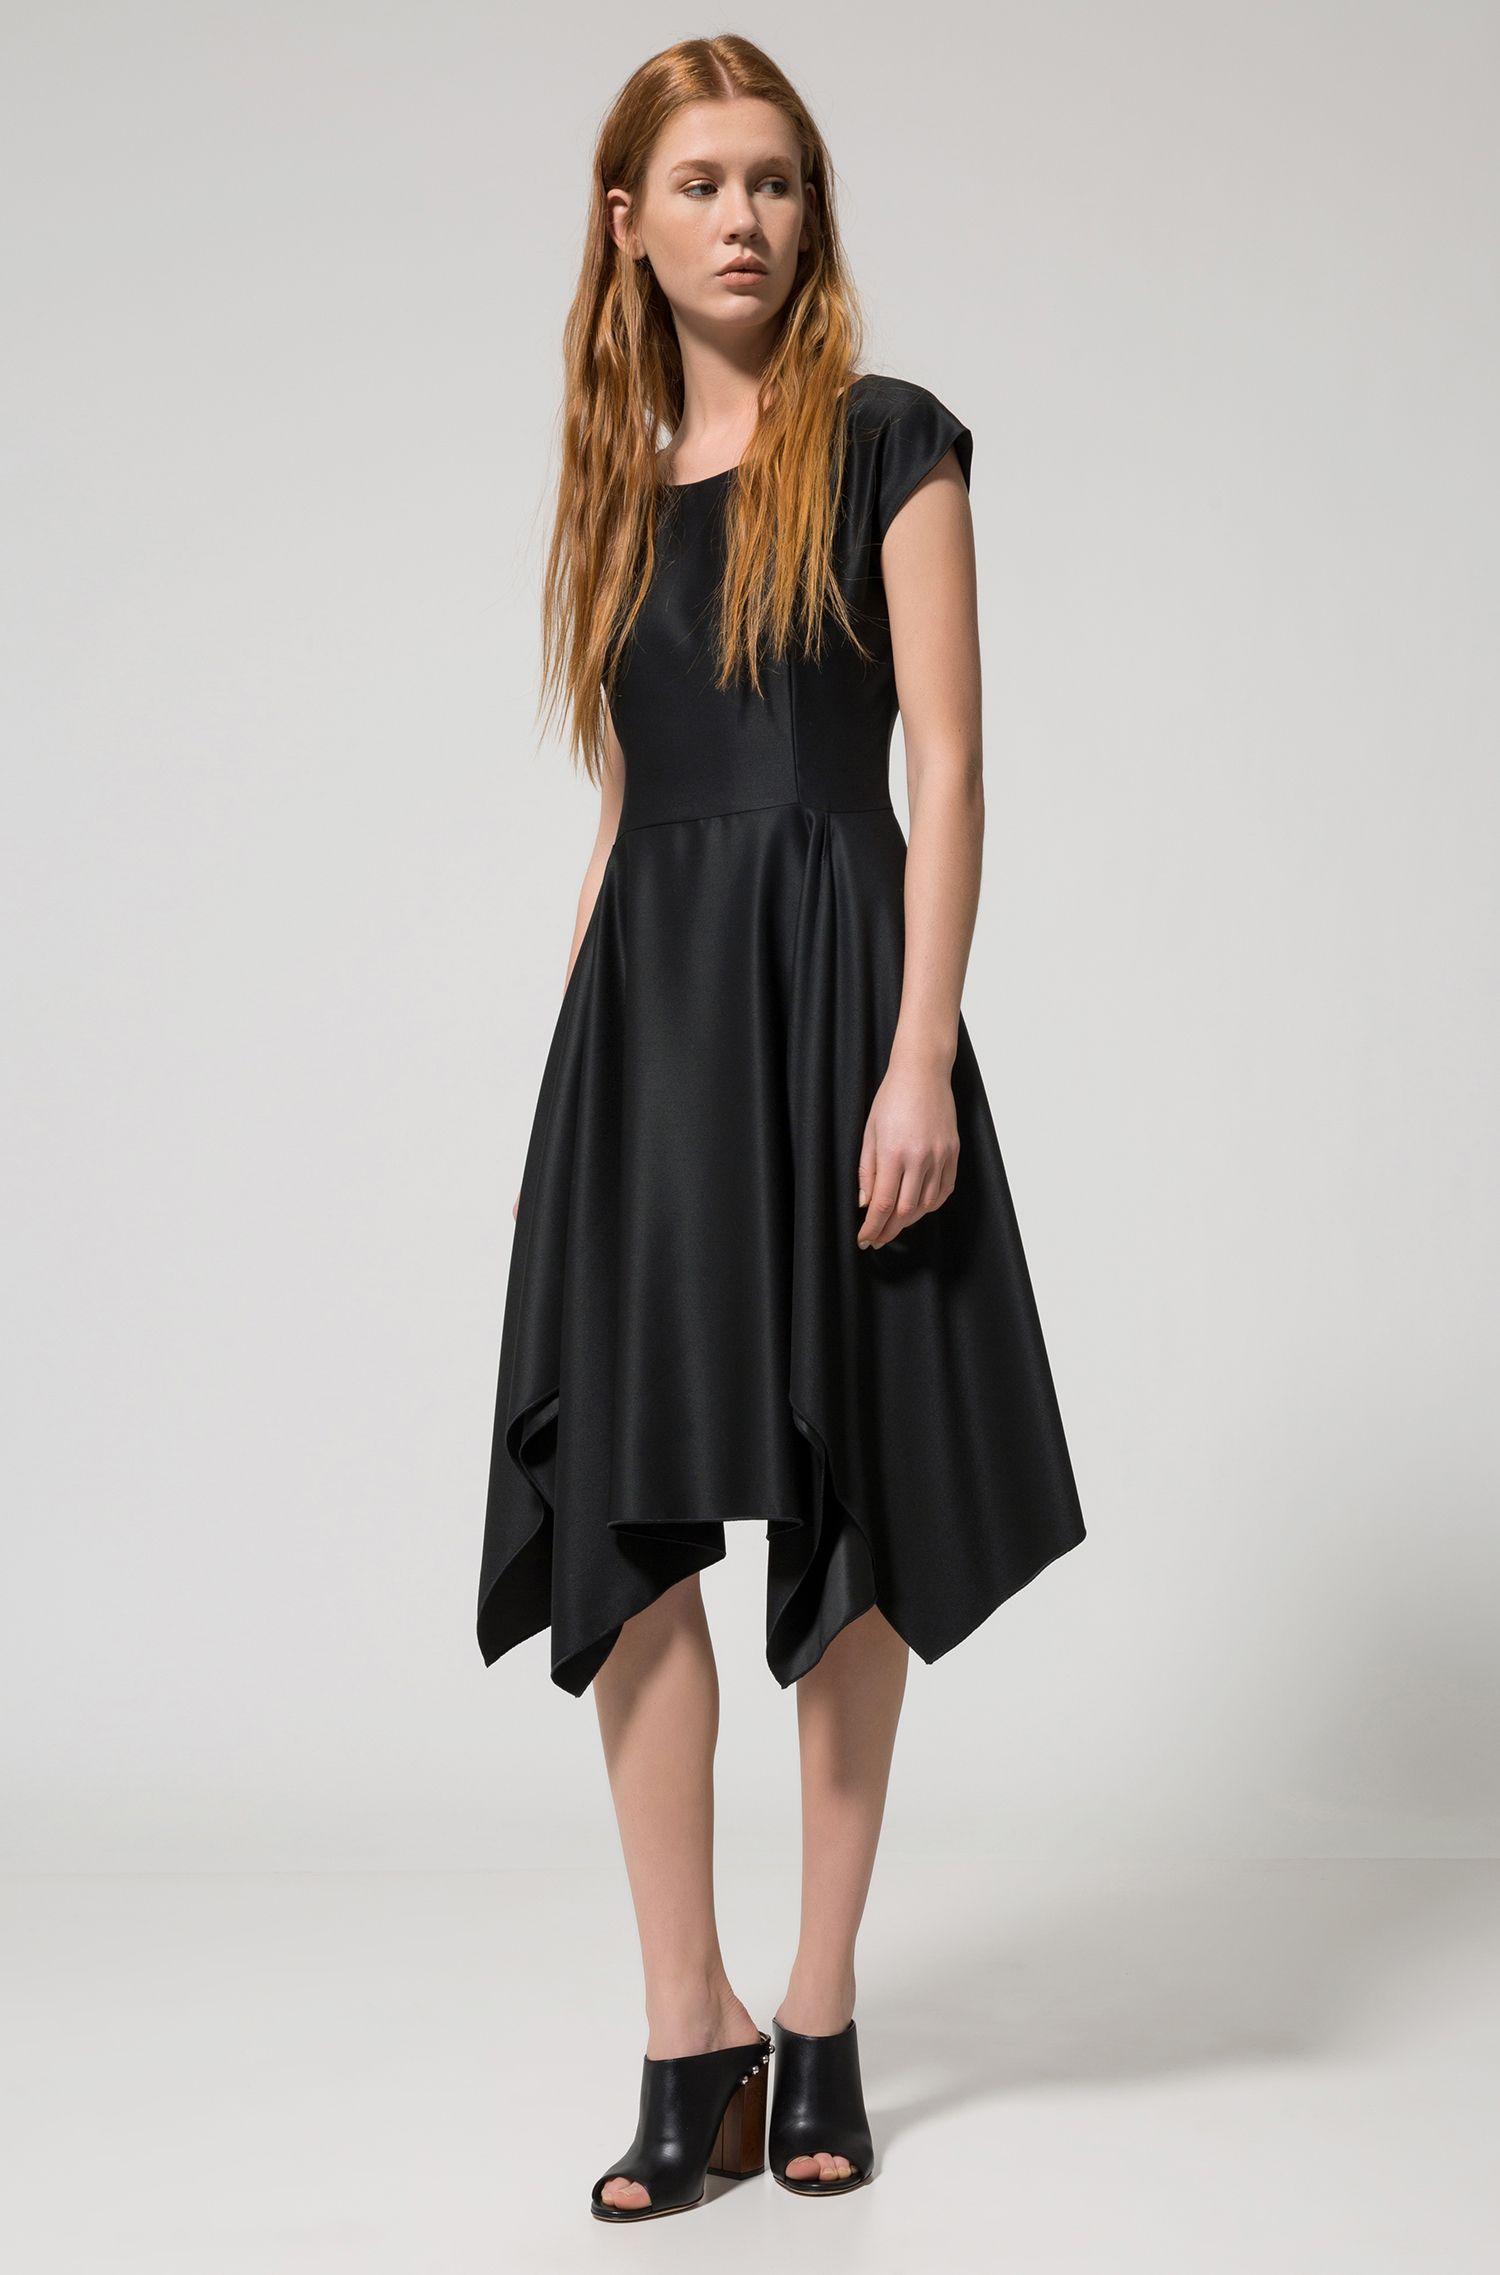 Robe moderne à manches courtes et jupe volumineuse asymétrique